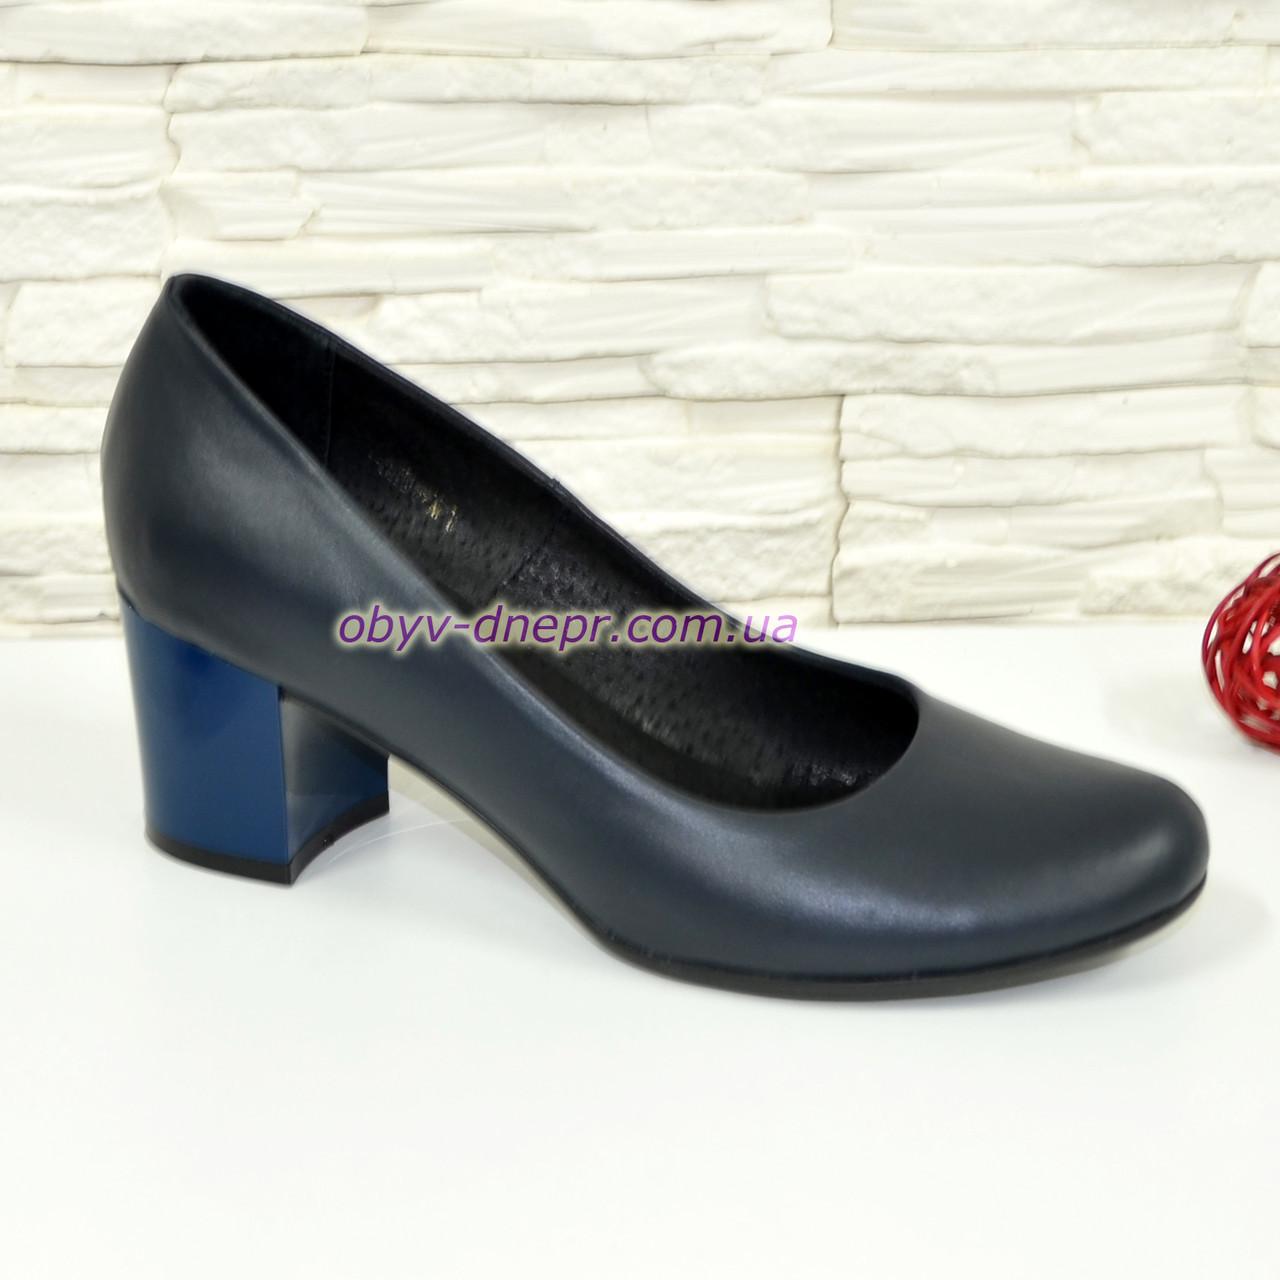 Туфли женские синие кожаные на невысоком устойчивом каблуке